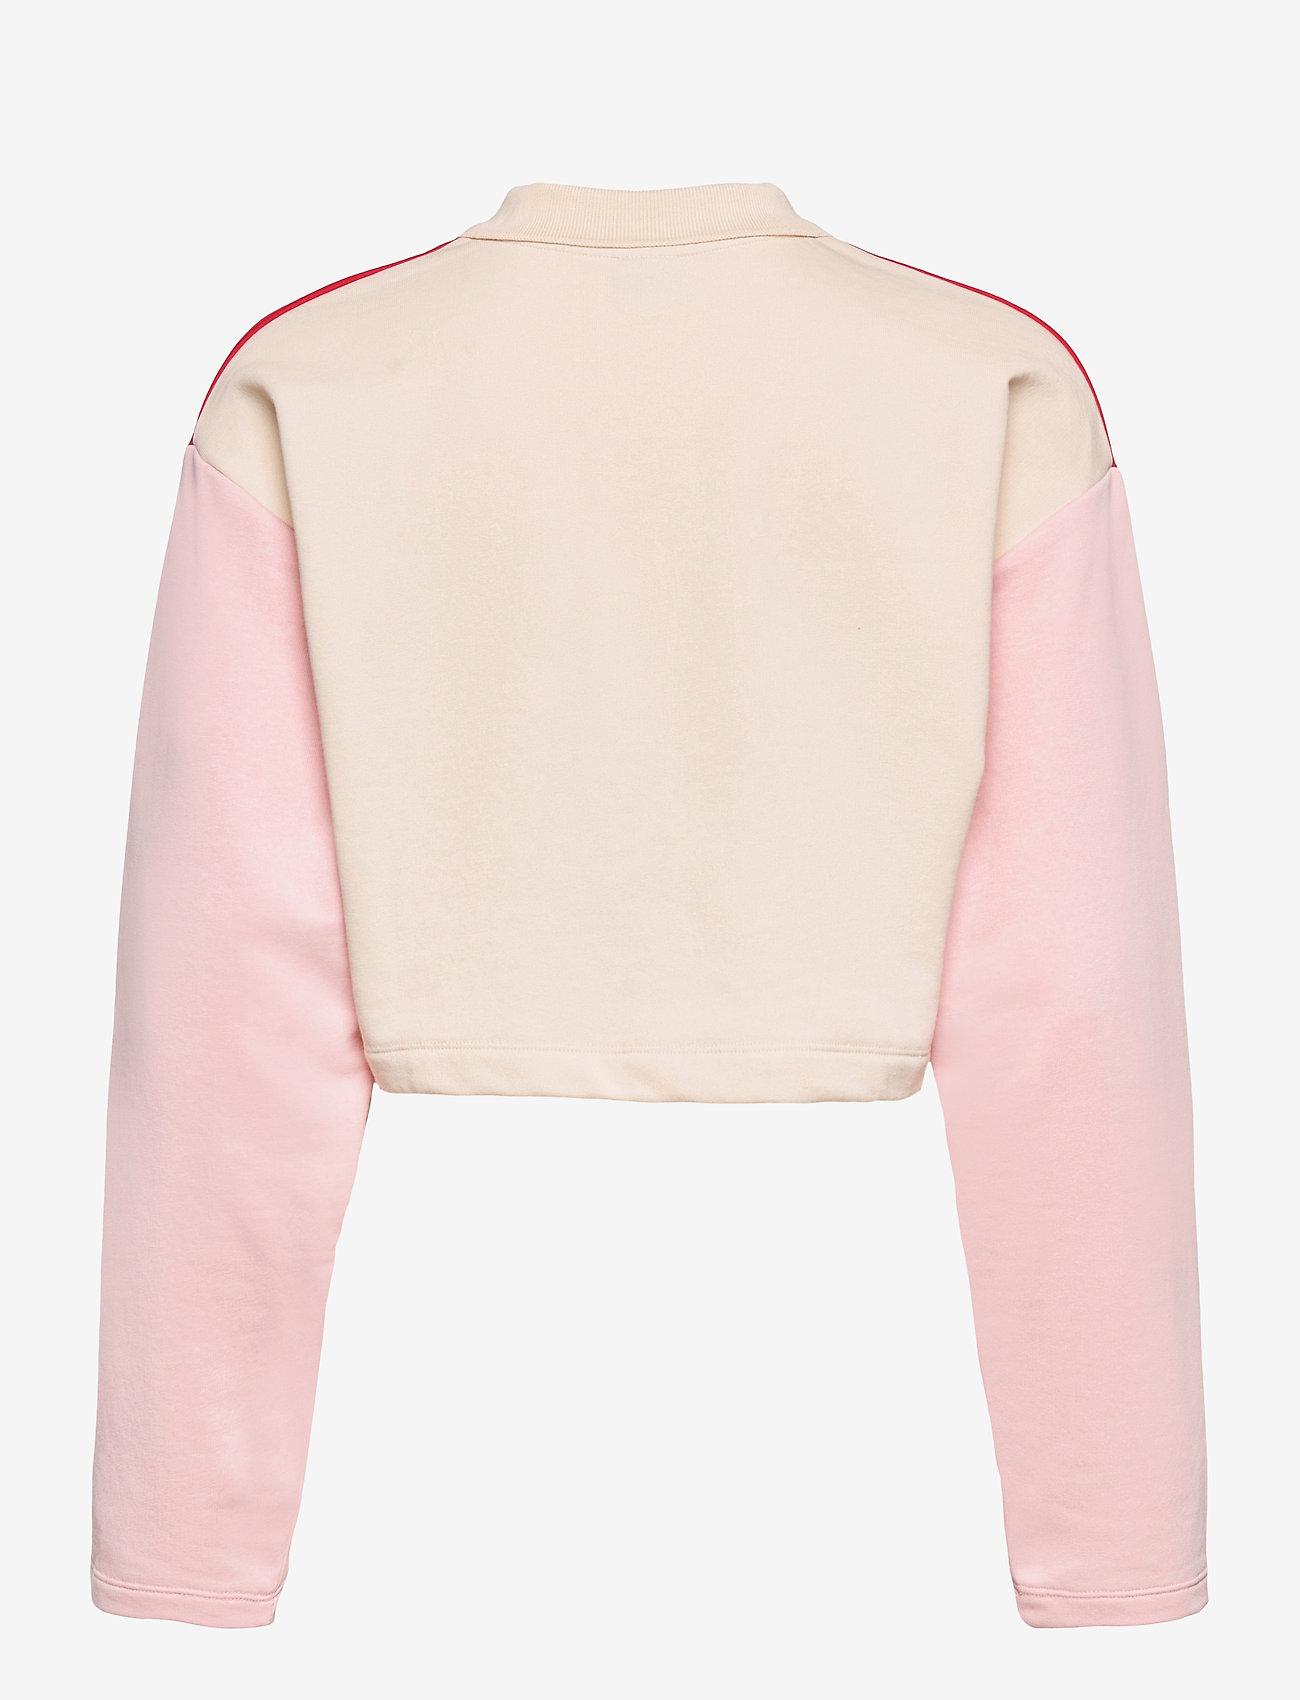 Gina Tricot - Jessy sweater - polohemden - multi pink (3970) - 1